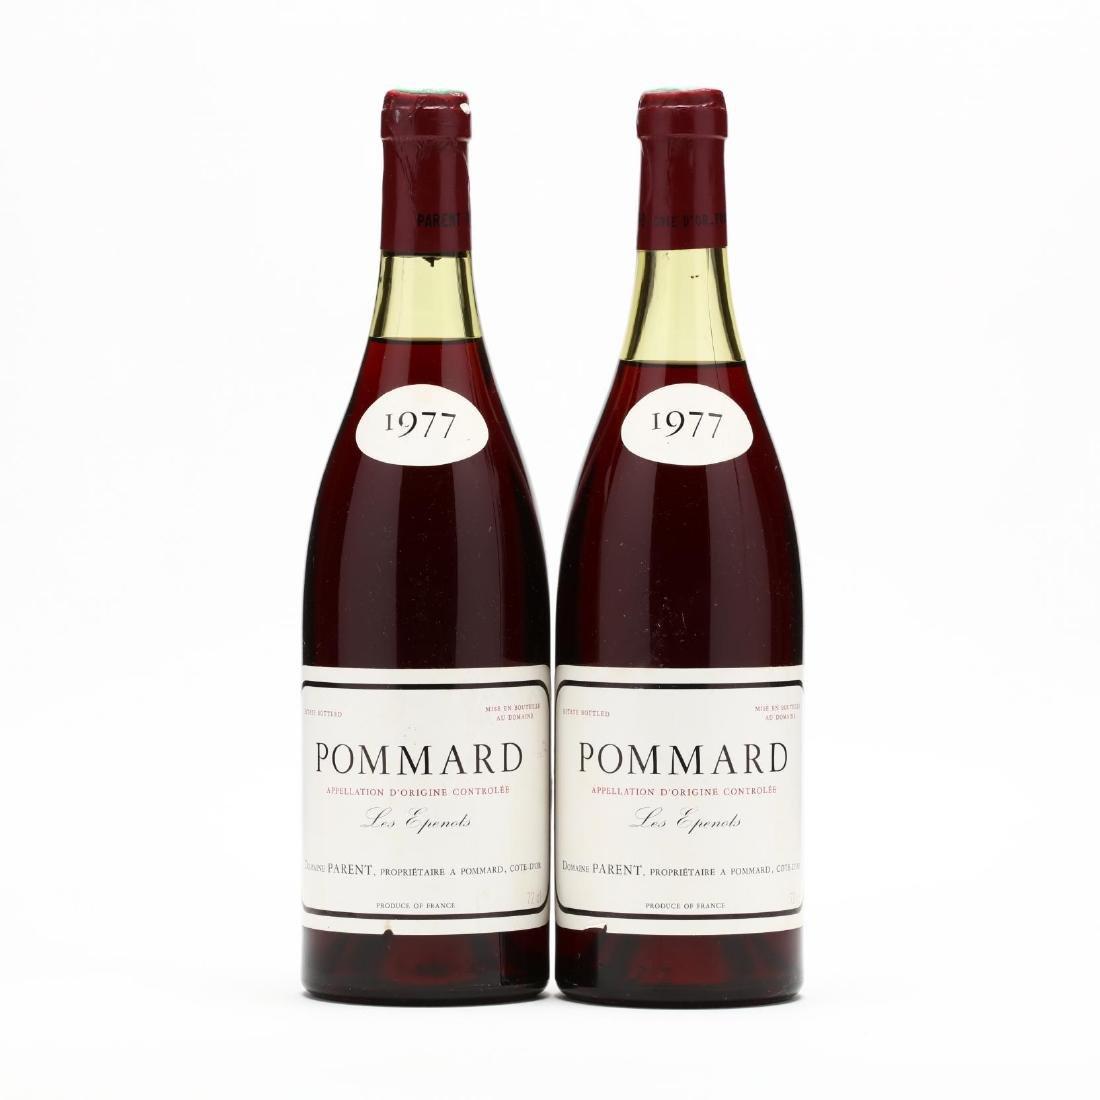 Pommard - Vintage 1977